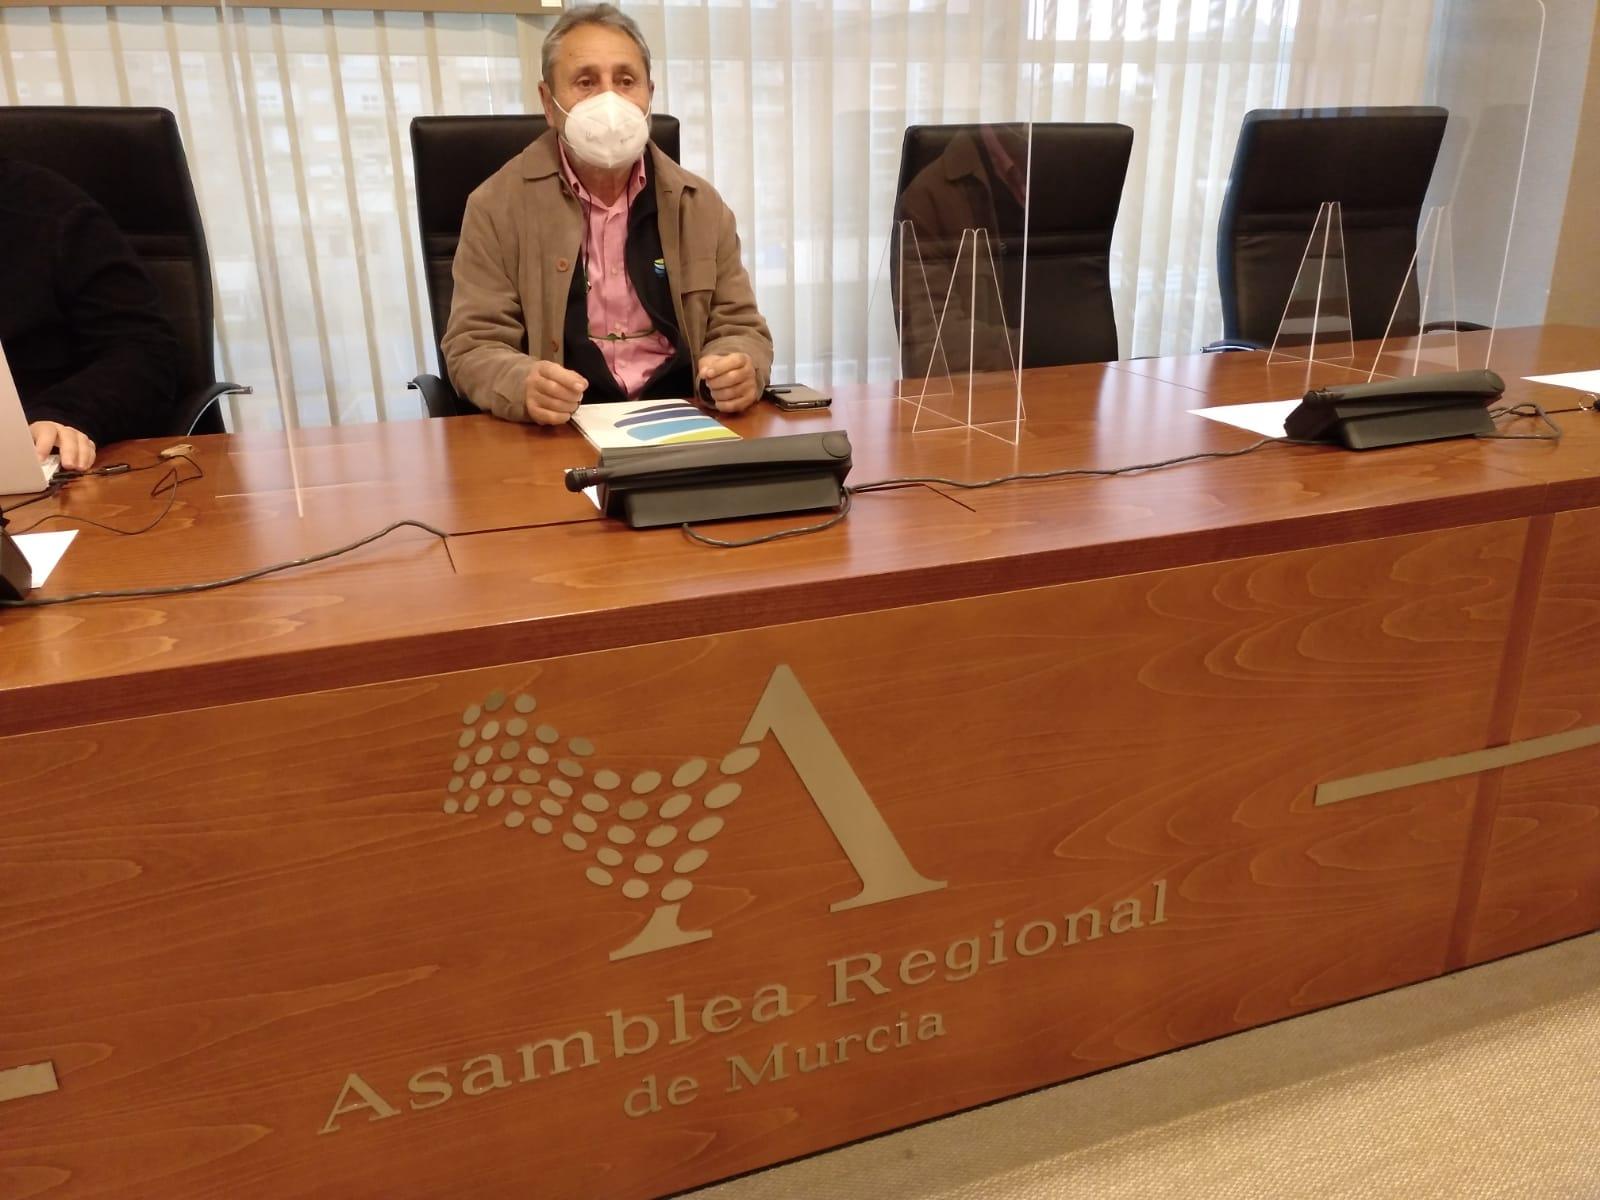 ARM 2021 FDS 01 - La Fundación Desarrollo Sostenible comparece en la Asamblea Regional para impulsar las pequeñas instalaciones de Autoconsumo Renovable, el Vehículo Eléctrico y la lucha contra la Pobreza Energética